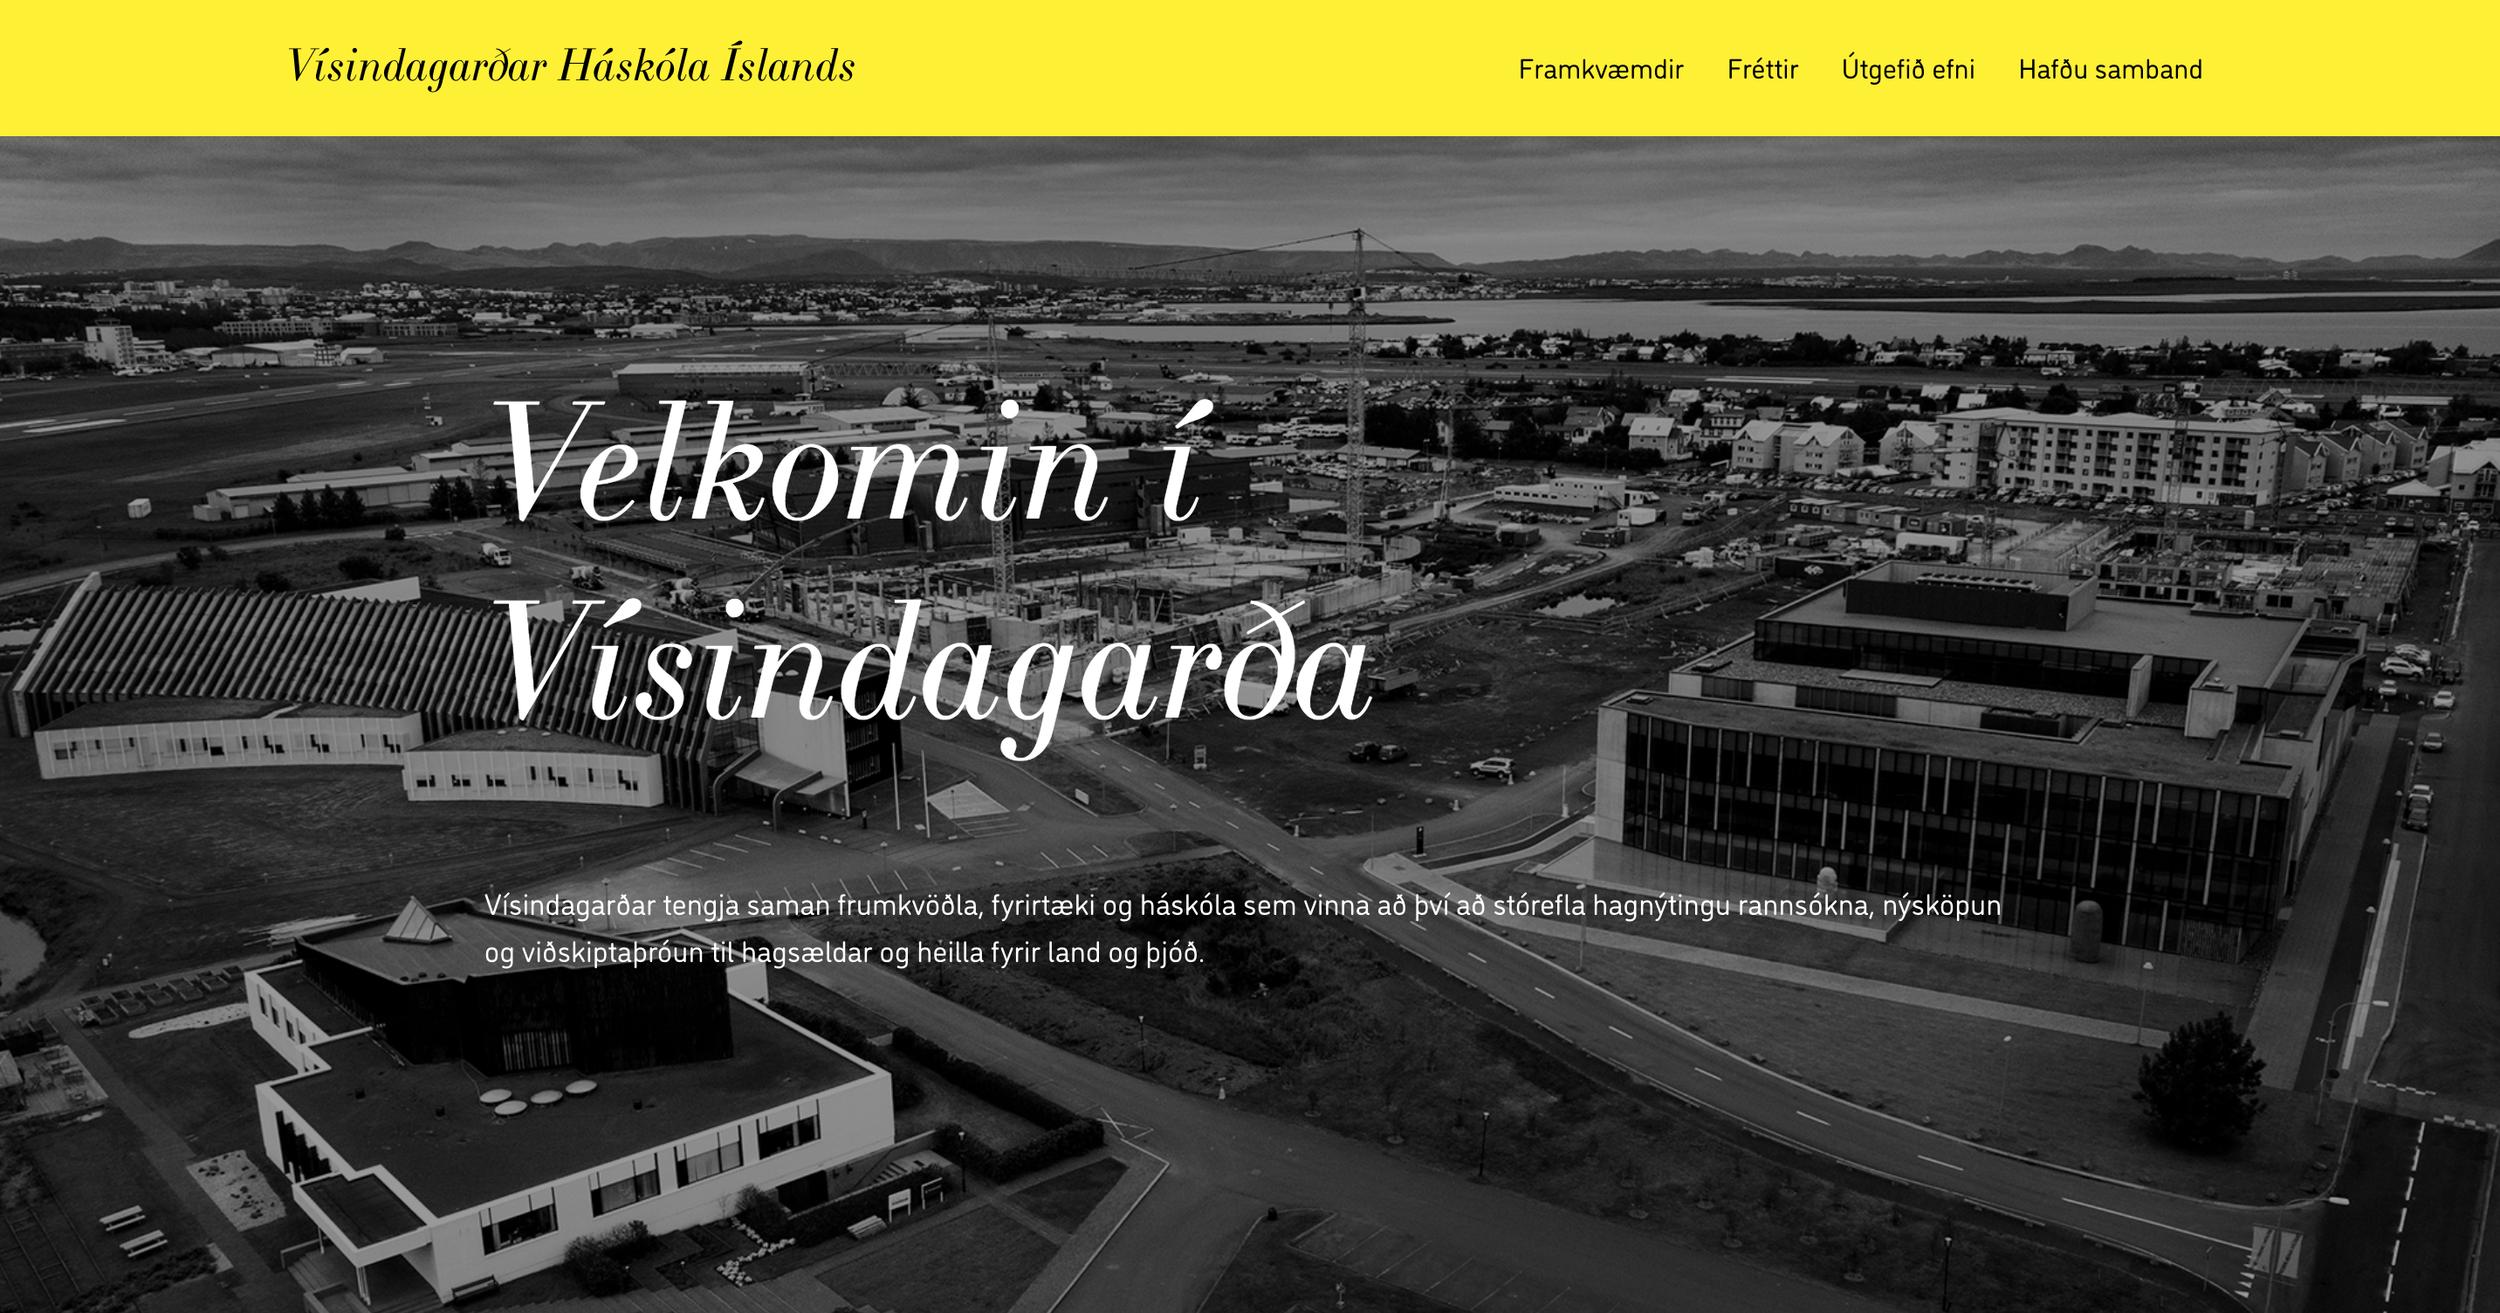 Vísindagarðar Háskóla Íslands: web design + web development + branding